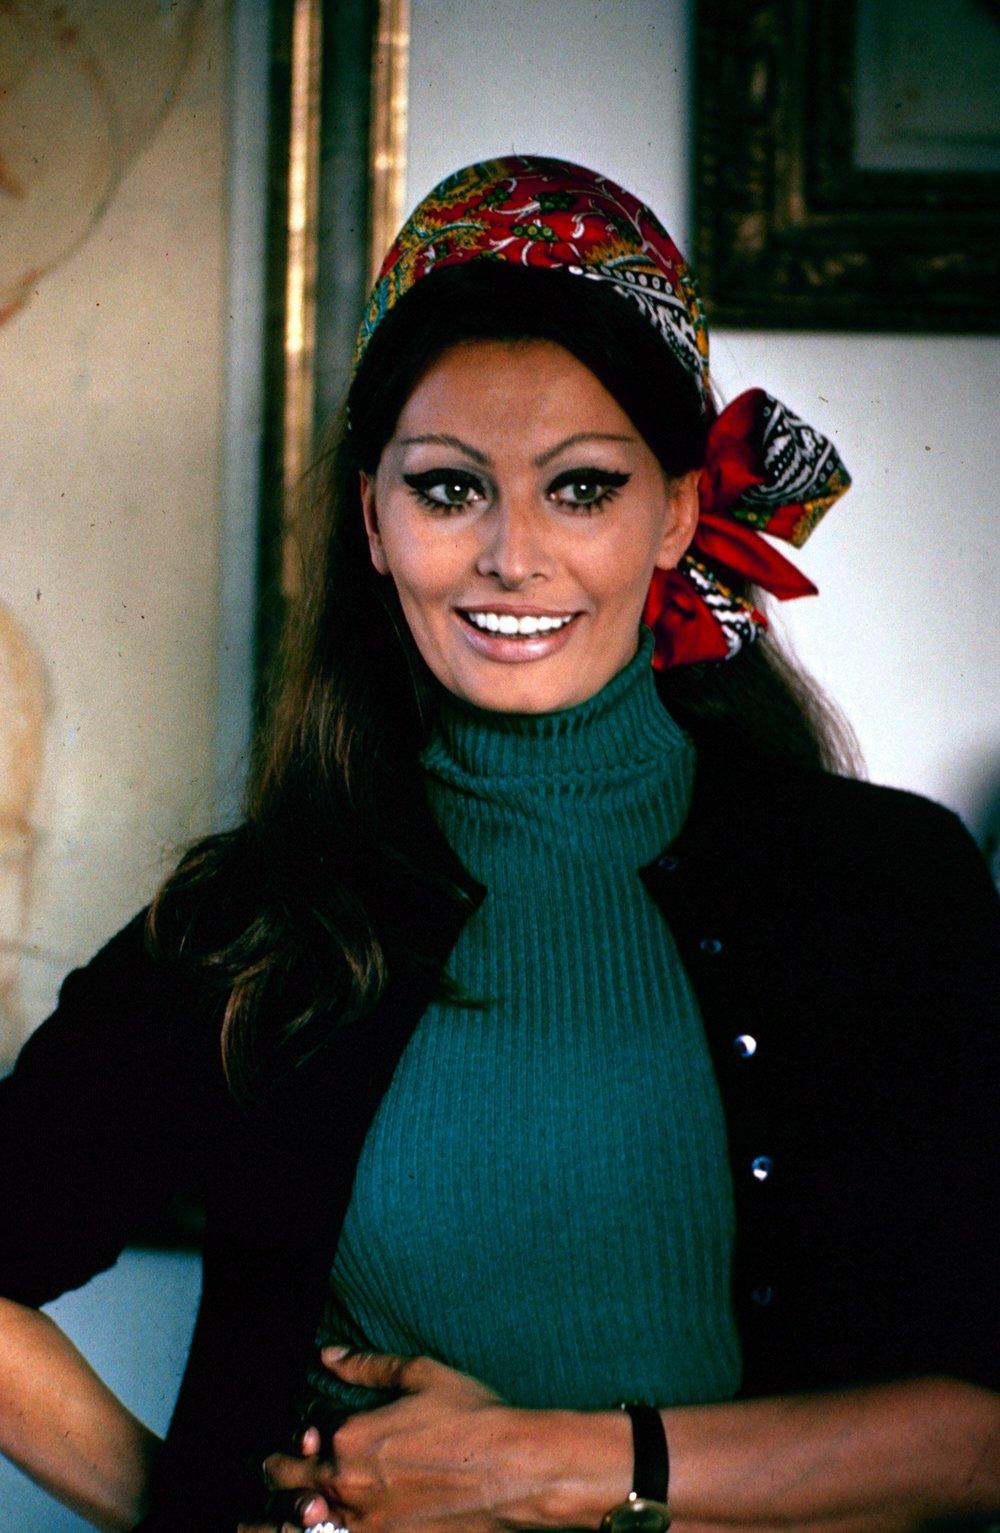 Sophia Loren is Our Lady